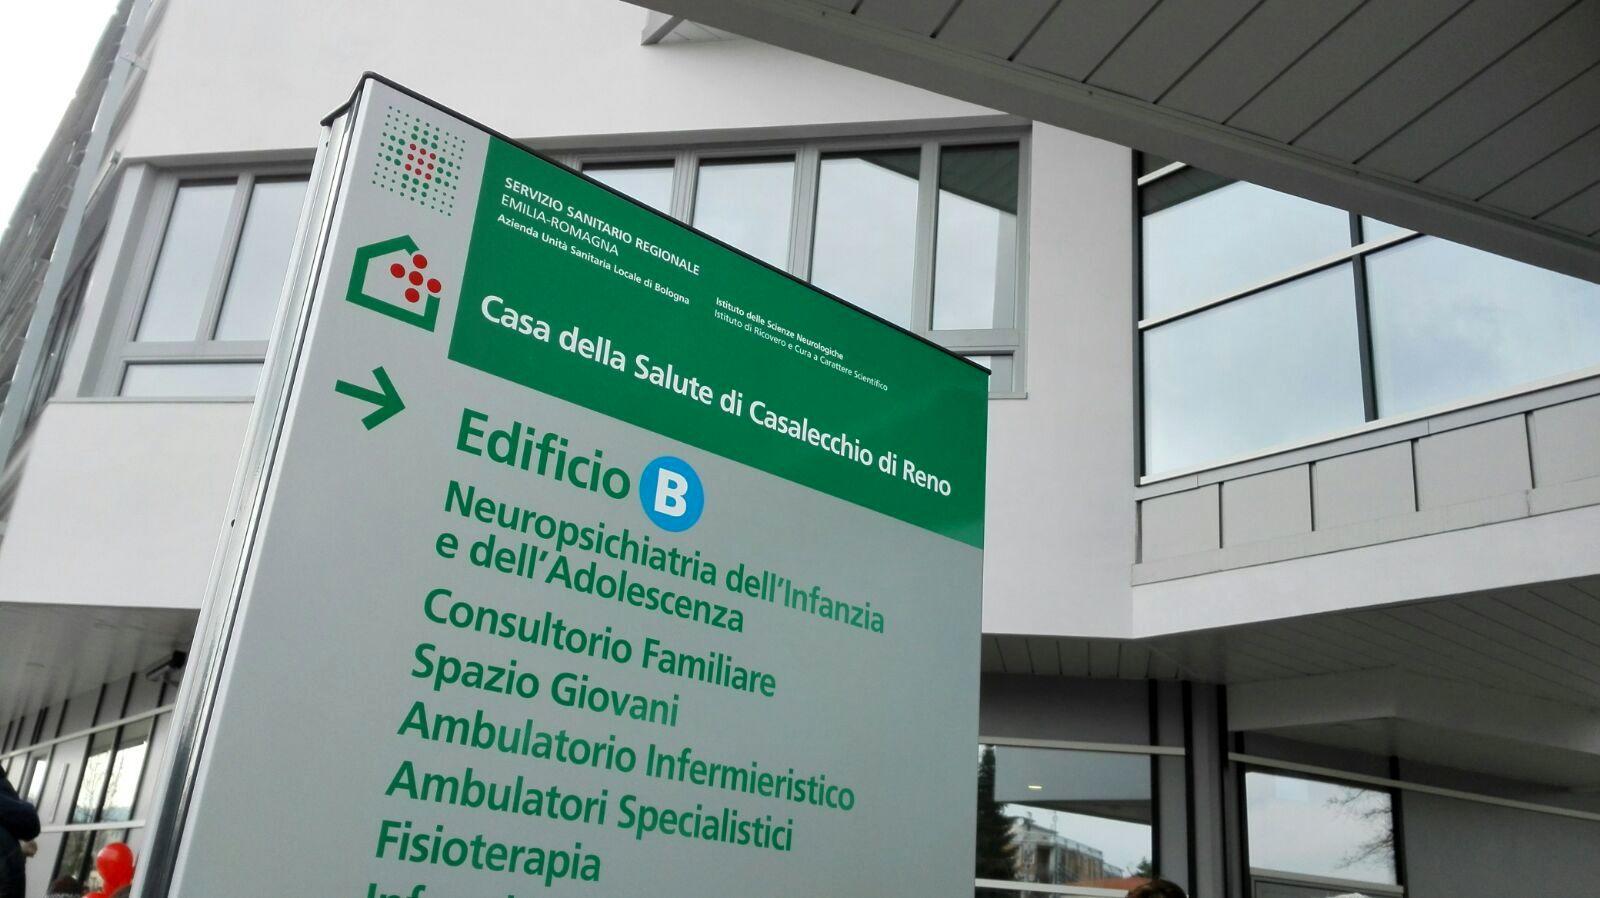 Problemi di accesso alle strutture Ausl della città di Bologna per gli informatori scientifici. La Sez. AIISF scrive ai responsabili delle strutture